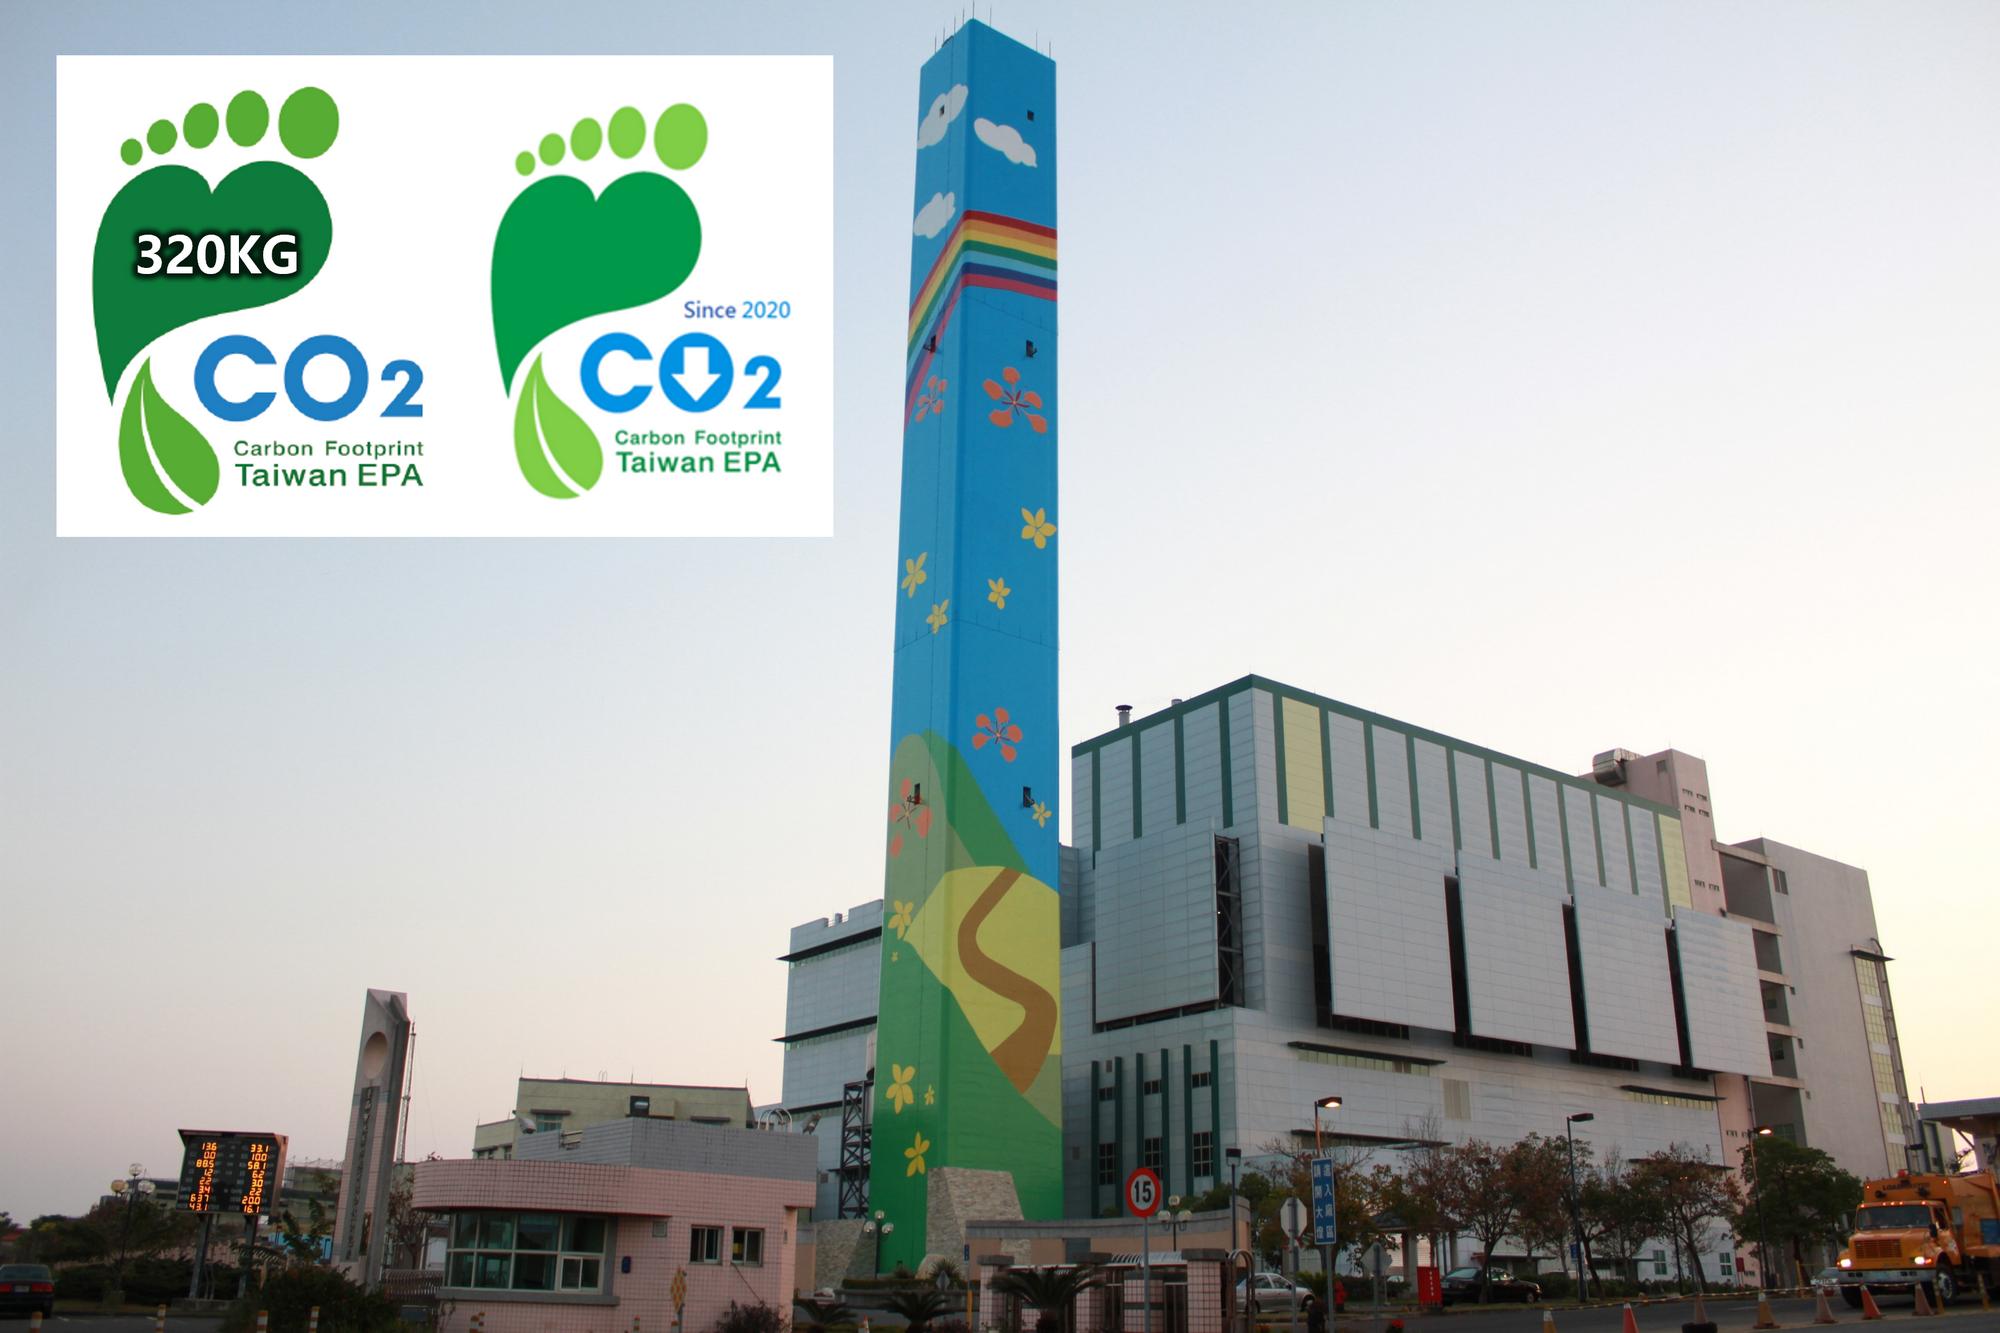 臺南碳標籤數量全國第一